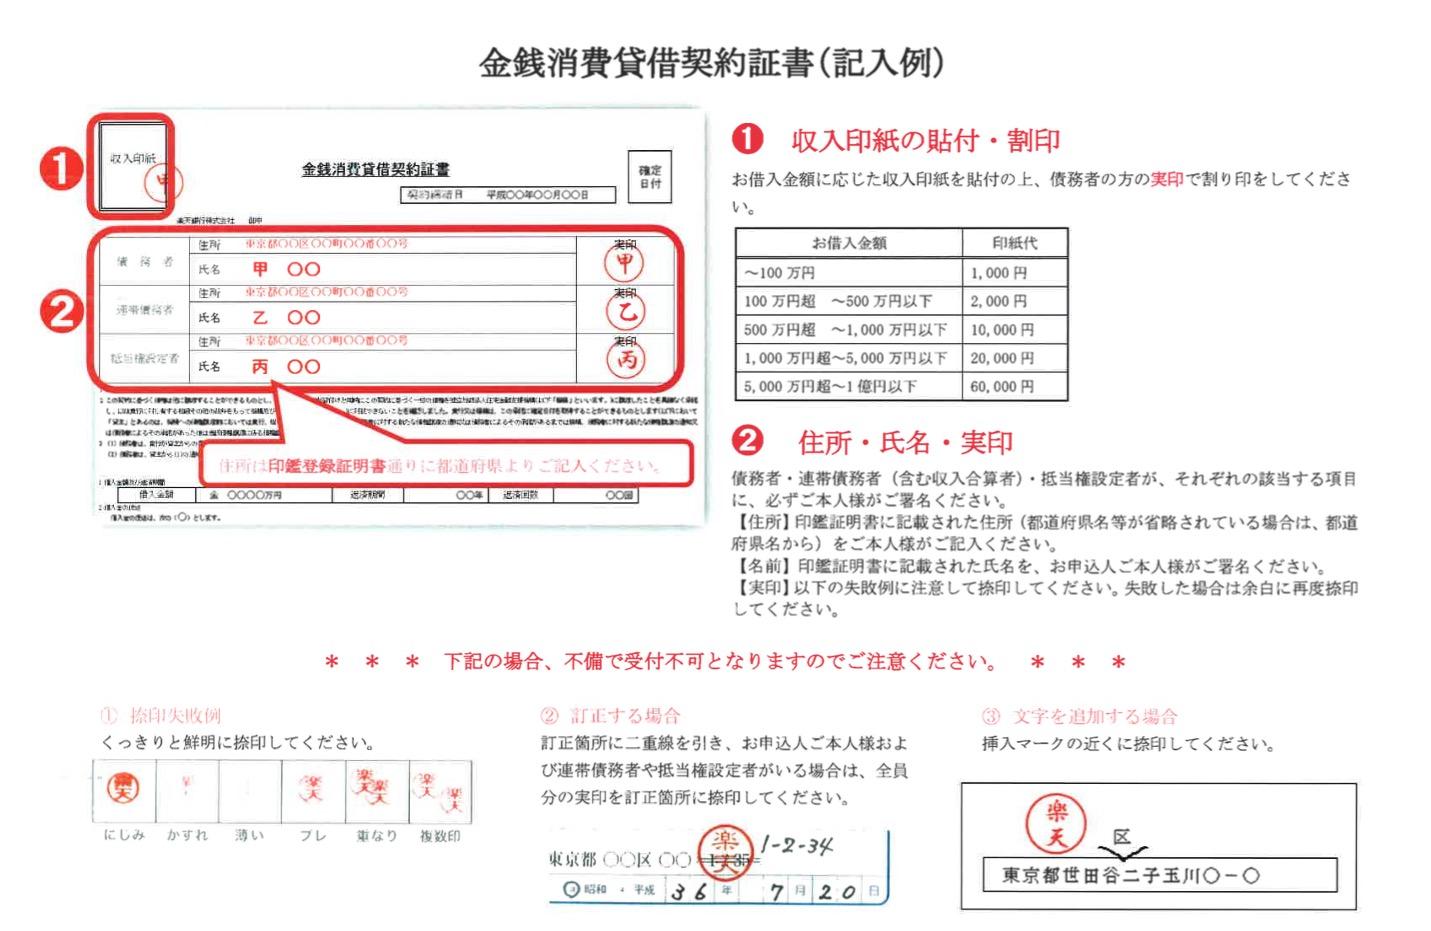 楽天銀行金銭貸借消費契約書の記入例